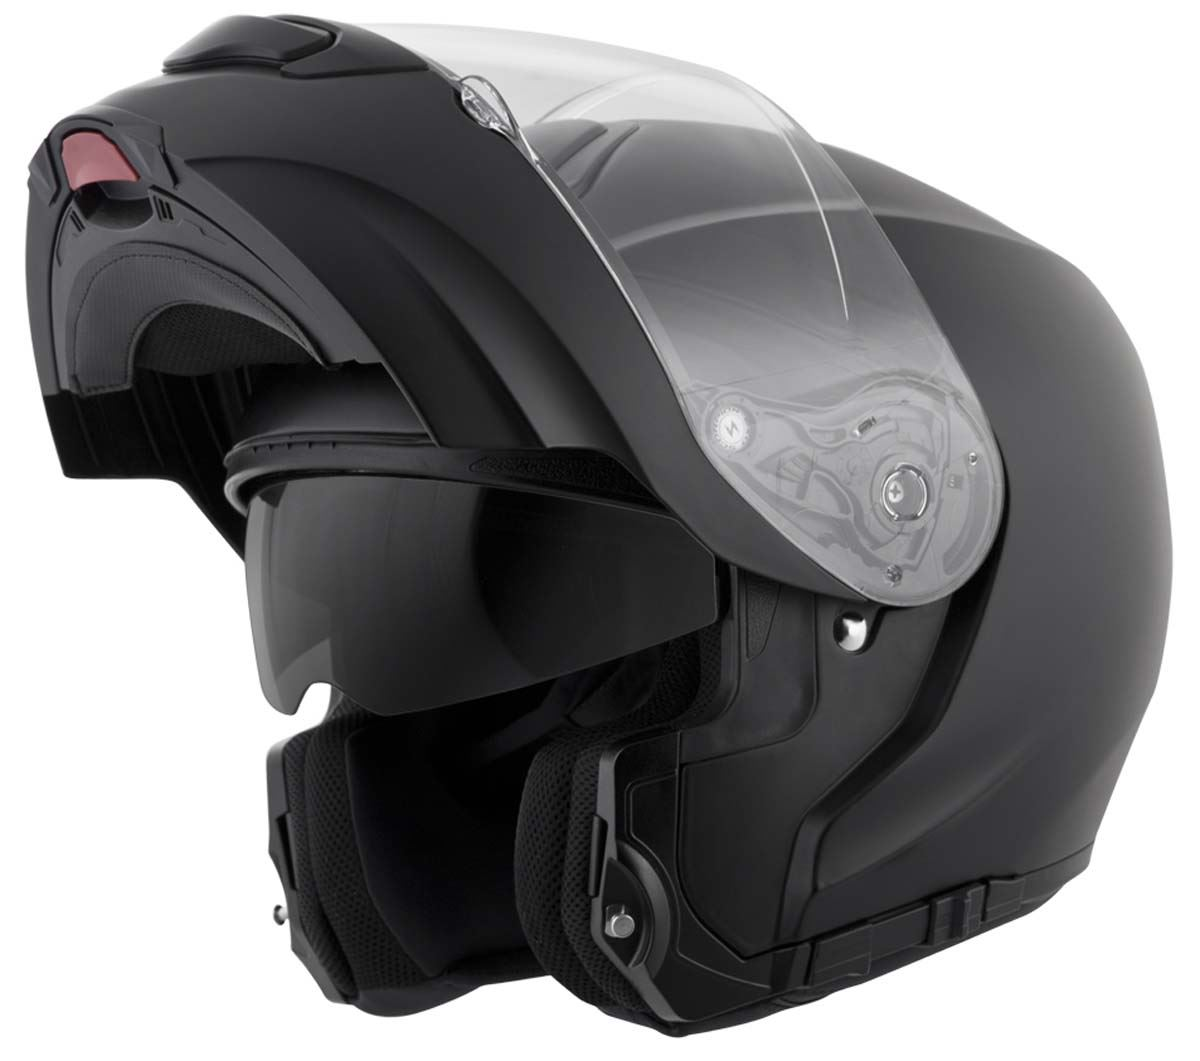 Scorpion-EXO-GT3000-Helmet-Modular-Flip-Up-Premium-DOT-Approved-XS-2XL miniature 3